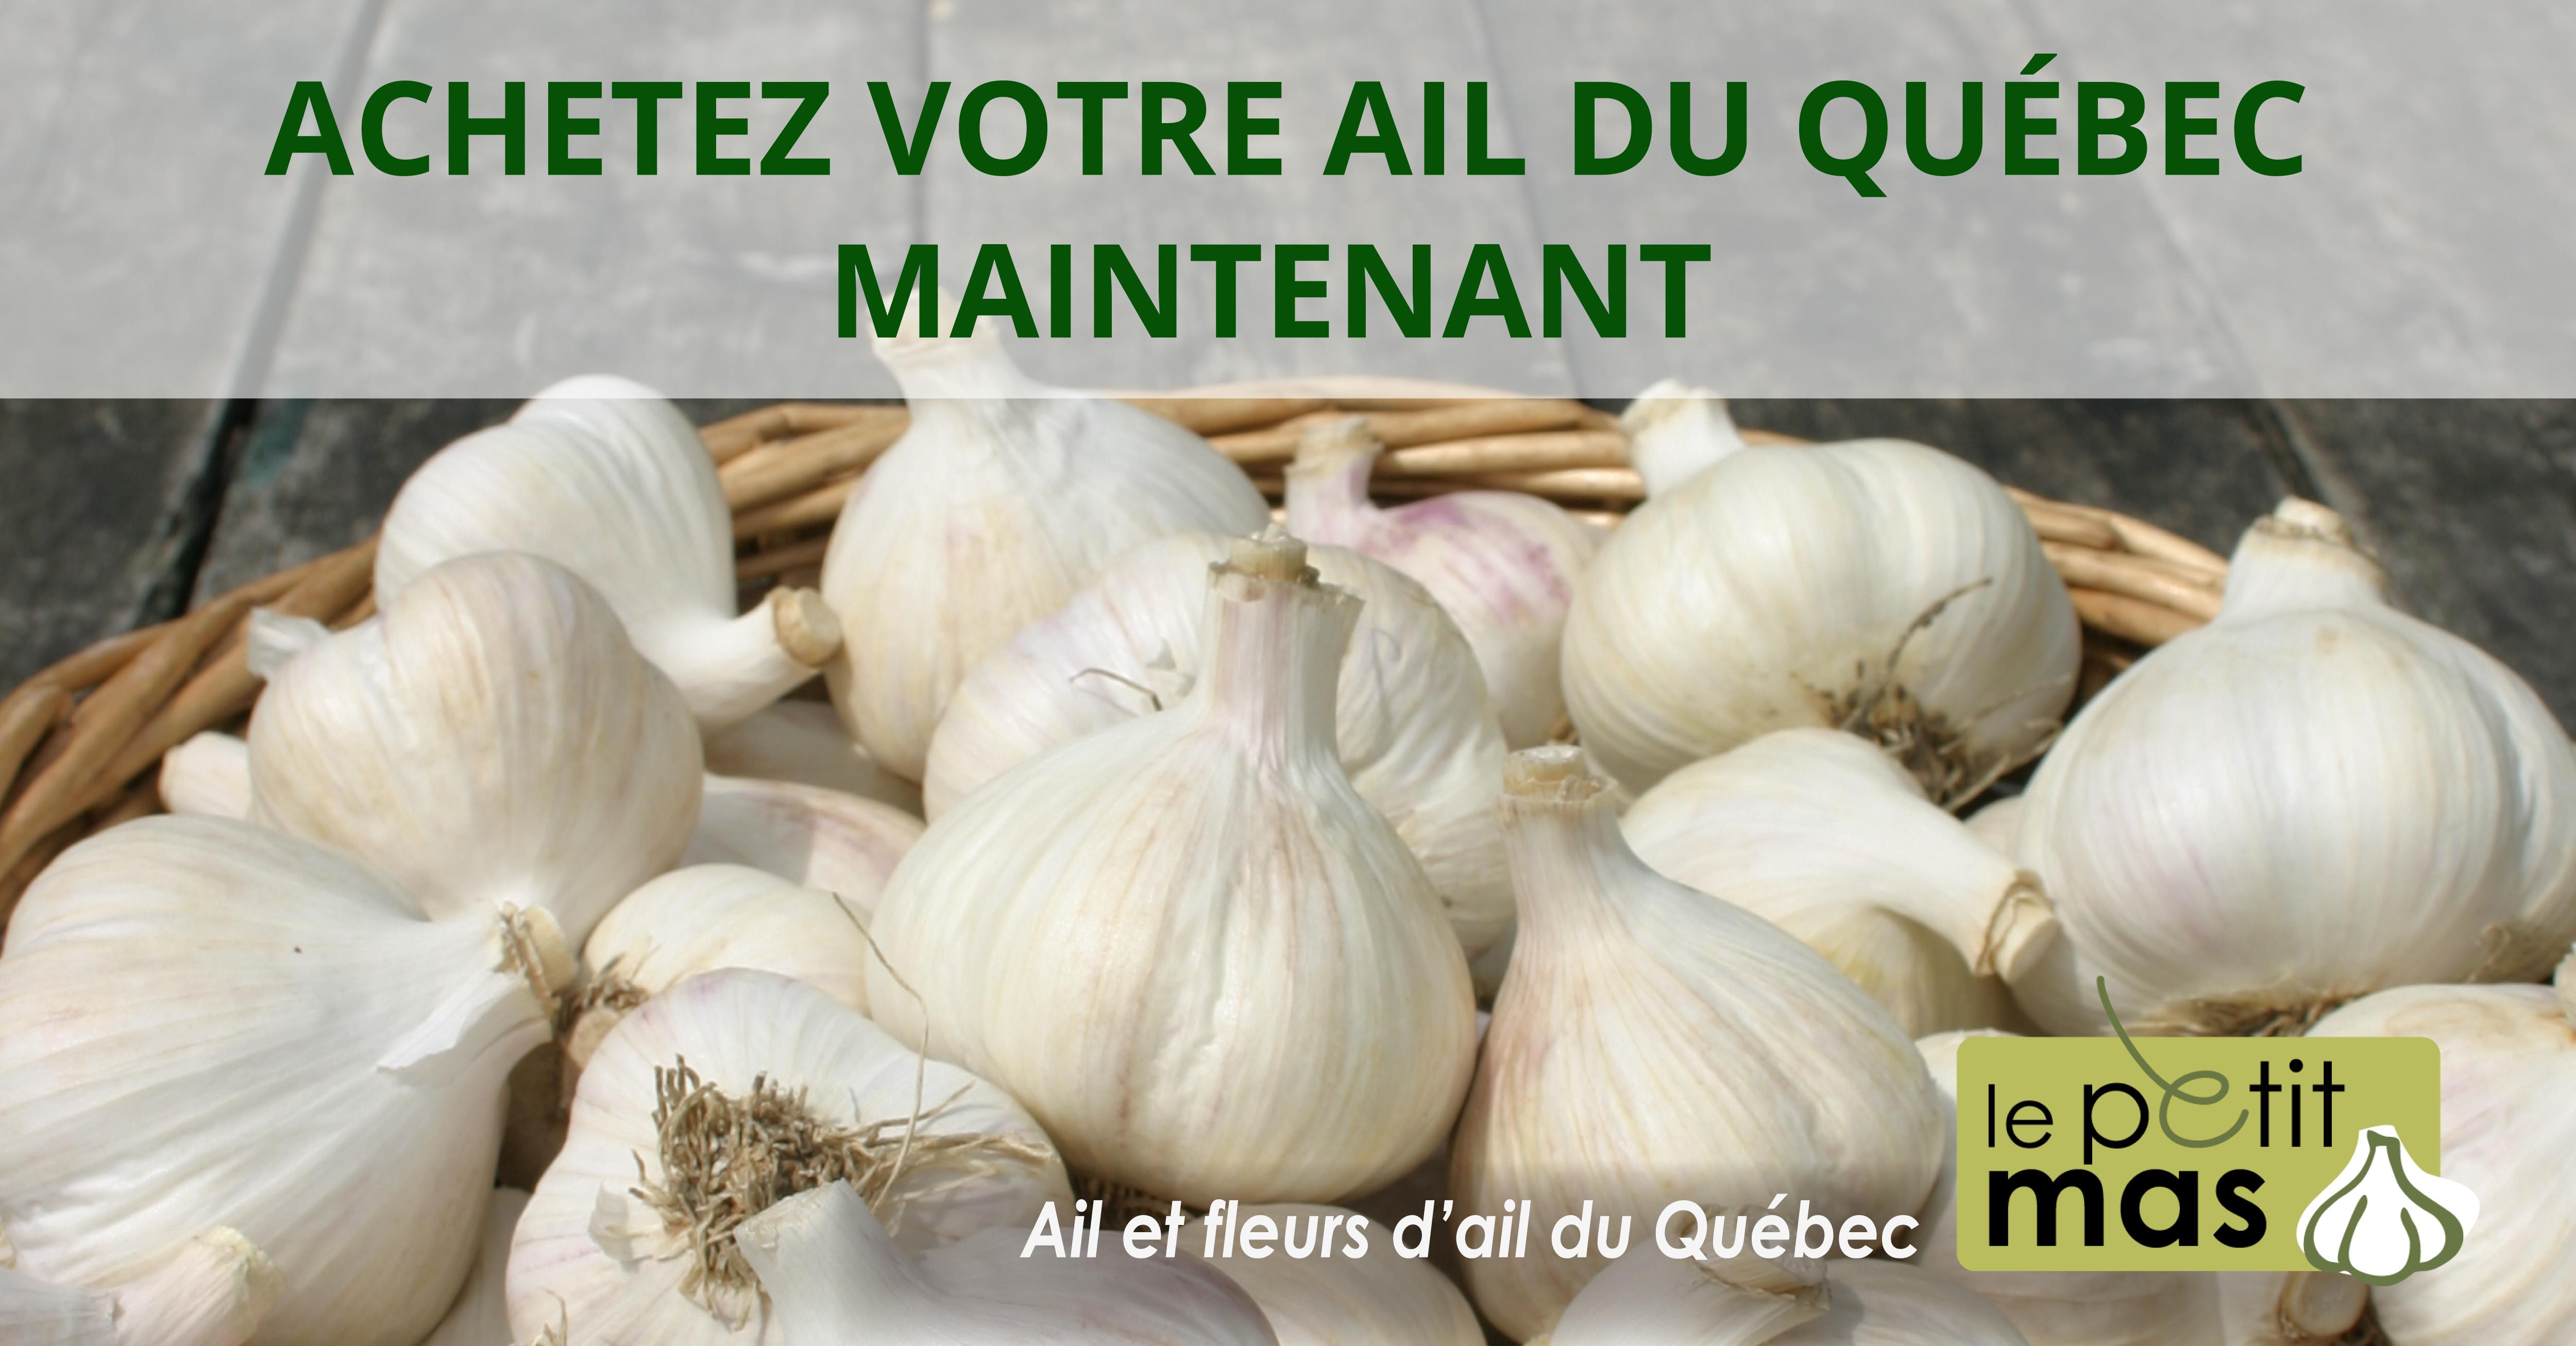 Achetez votre ail du Québec maintenant